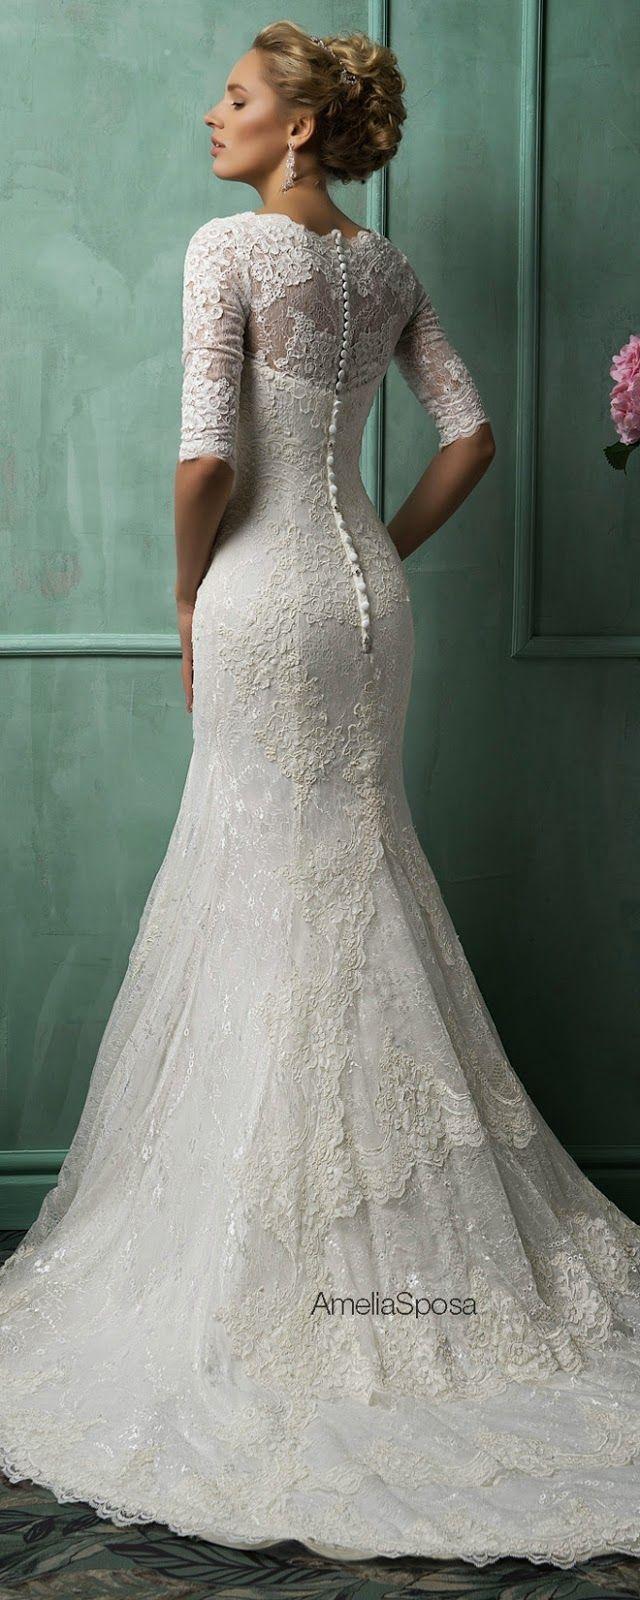 hochzeitskleider mit ärmel 5 besten | Wedding dress ...